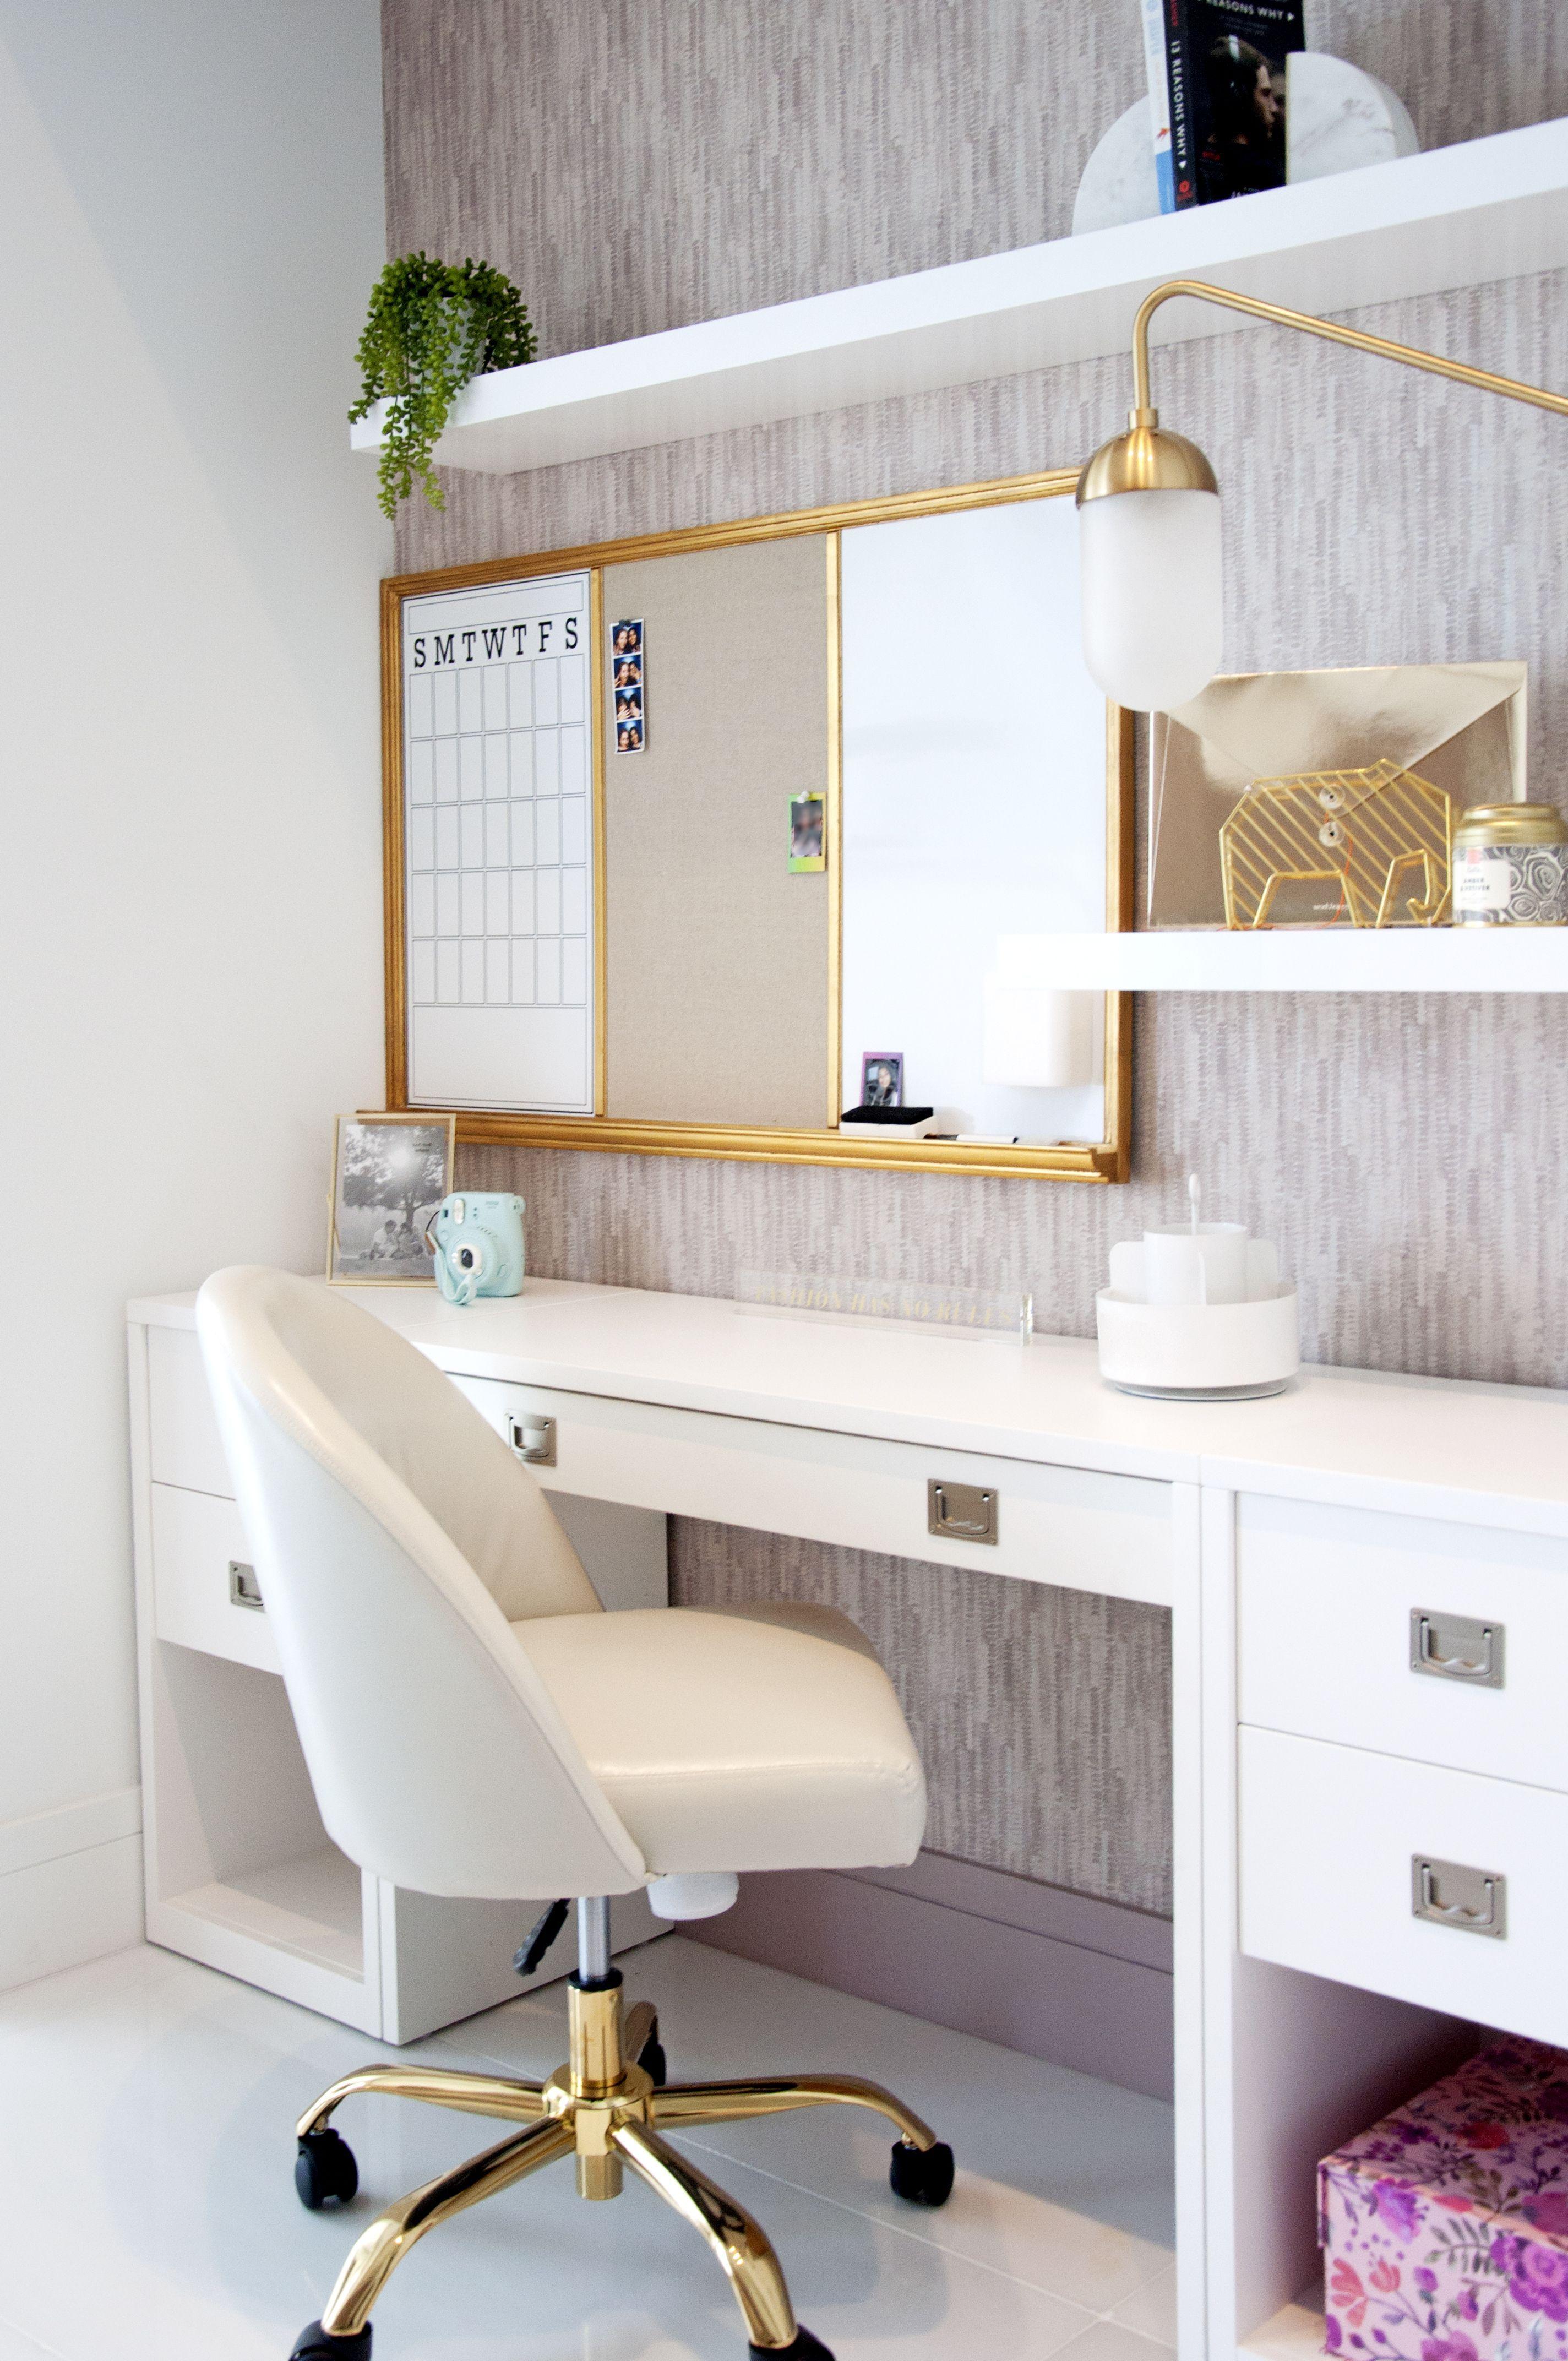 teenage desks for bedrooms on pin on teenage girl bedroom ideas pin on teenage girl bedroom ideas